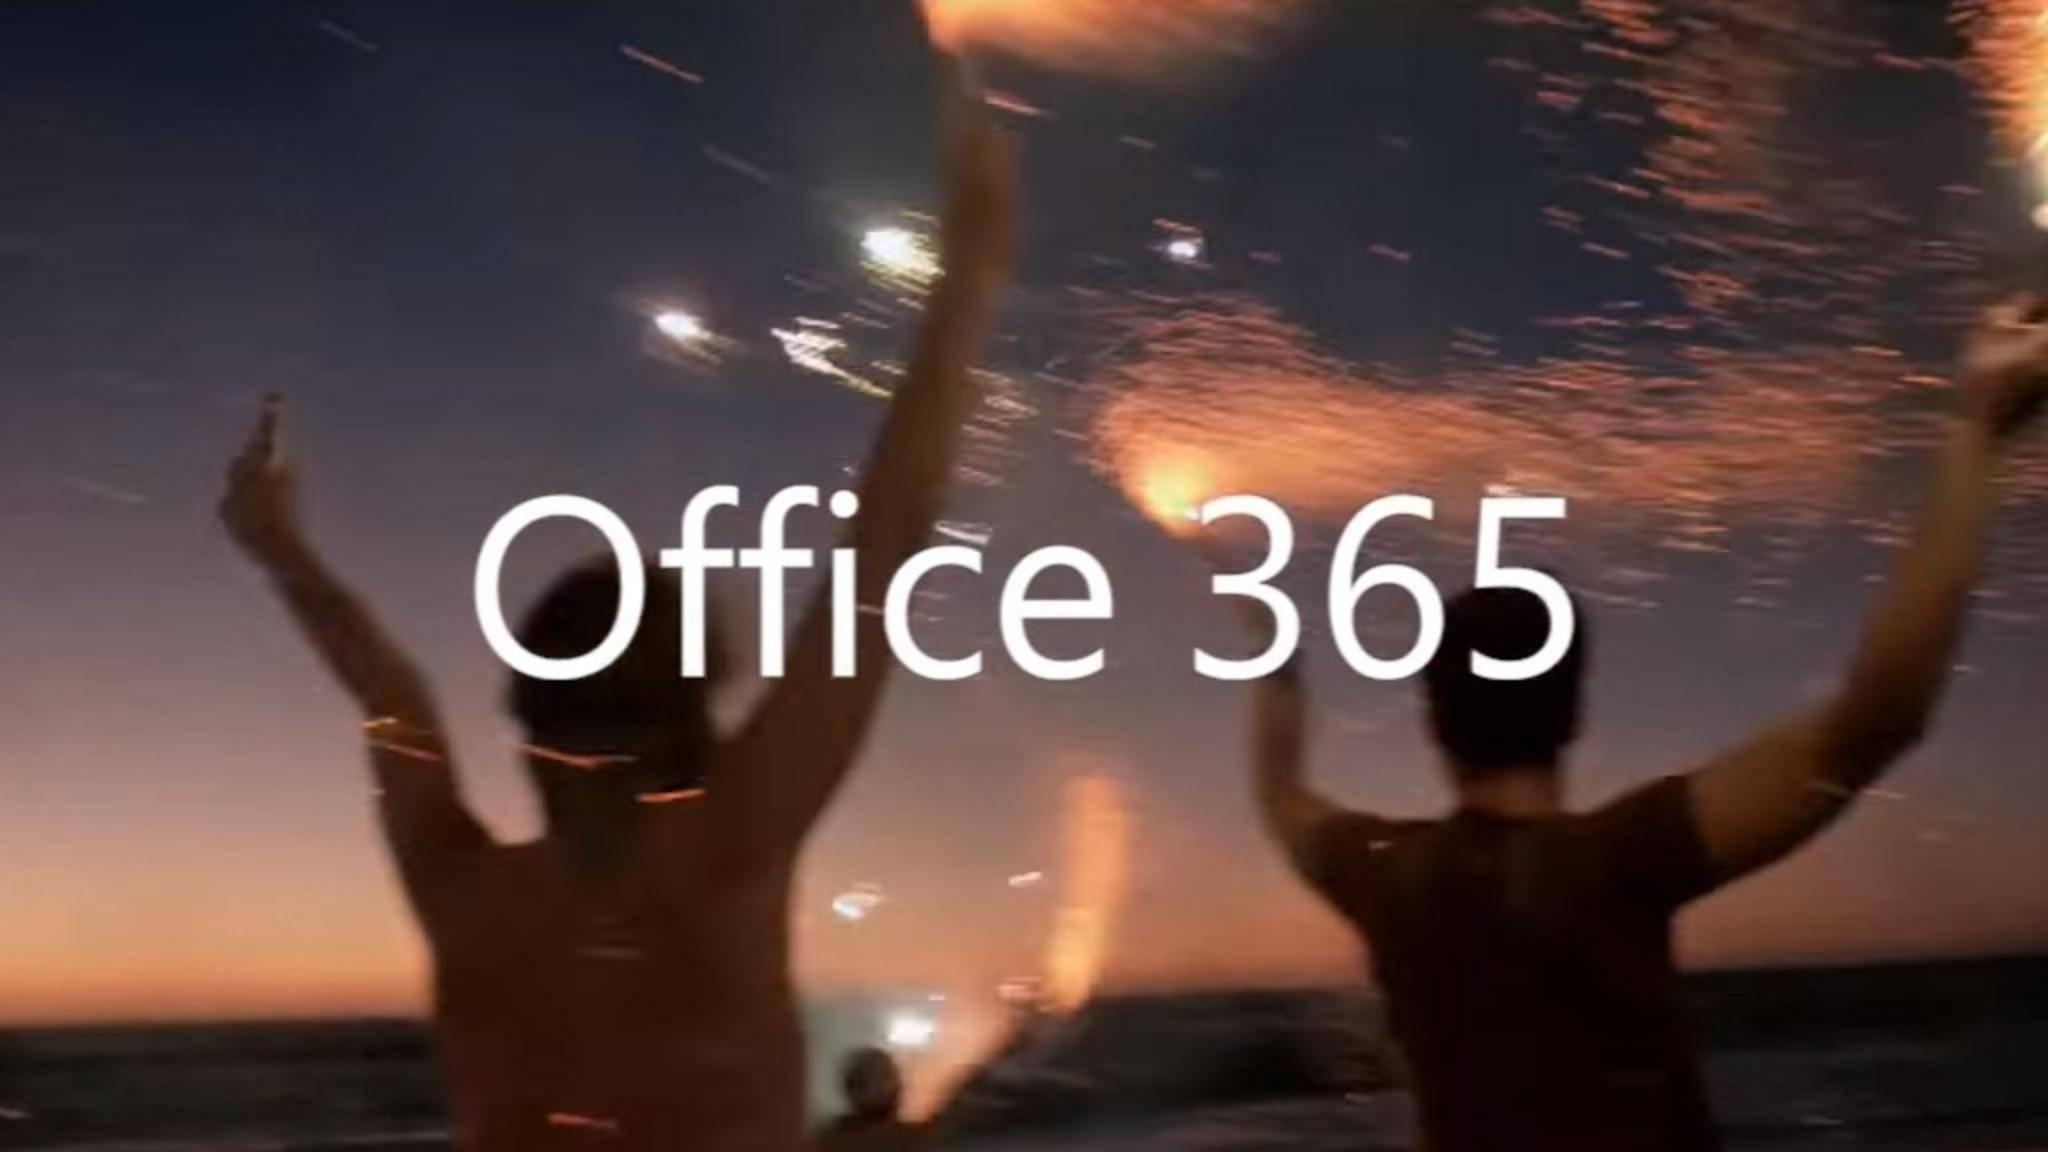 Office 365 kann Pages, Keynote und Co. ersetzen, ist aber kostenpflichtig.